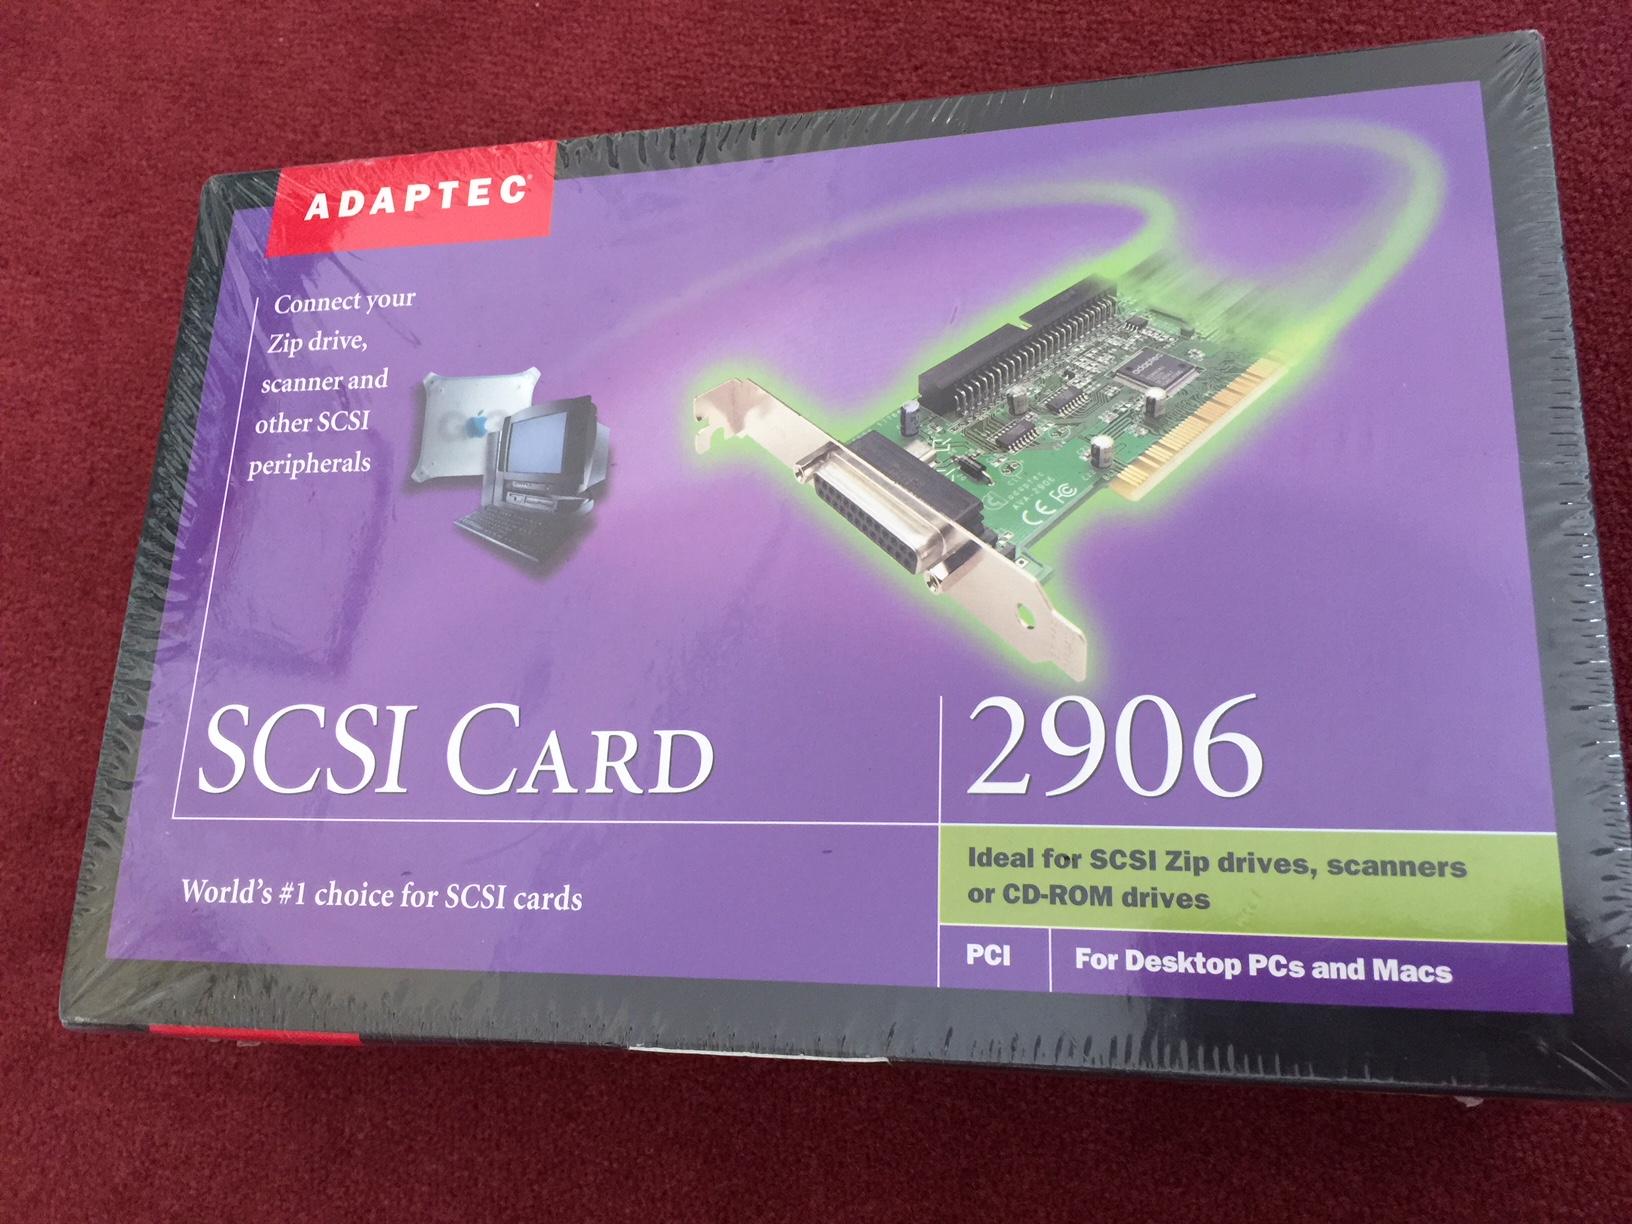 ADAPTEC SCSI CARD 2906 WINDOWS 8 X64 TREIBER